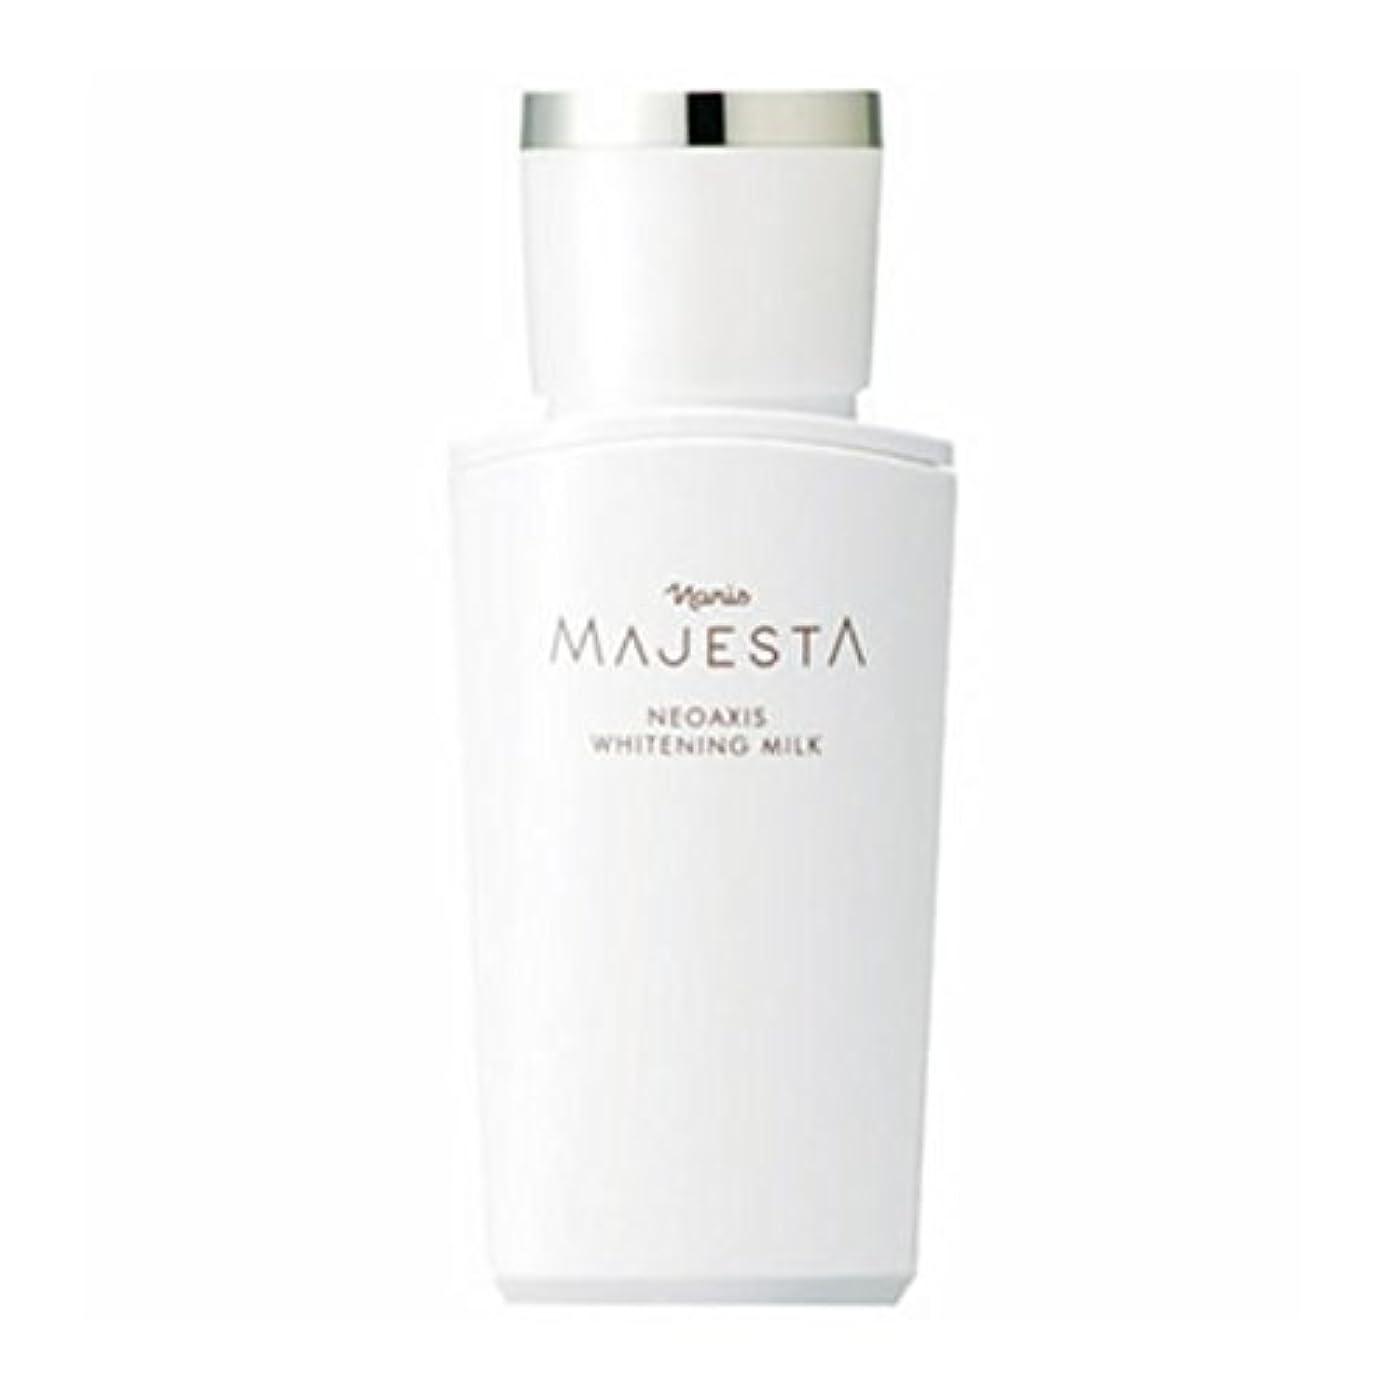 レイアいくつかの年次ナリス化粧品 マジェスタ ネオアクシス ホワイトニング ミルク (薬用 美白乳液) 80ml